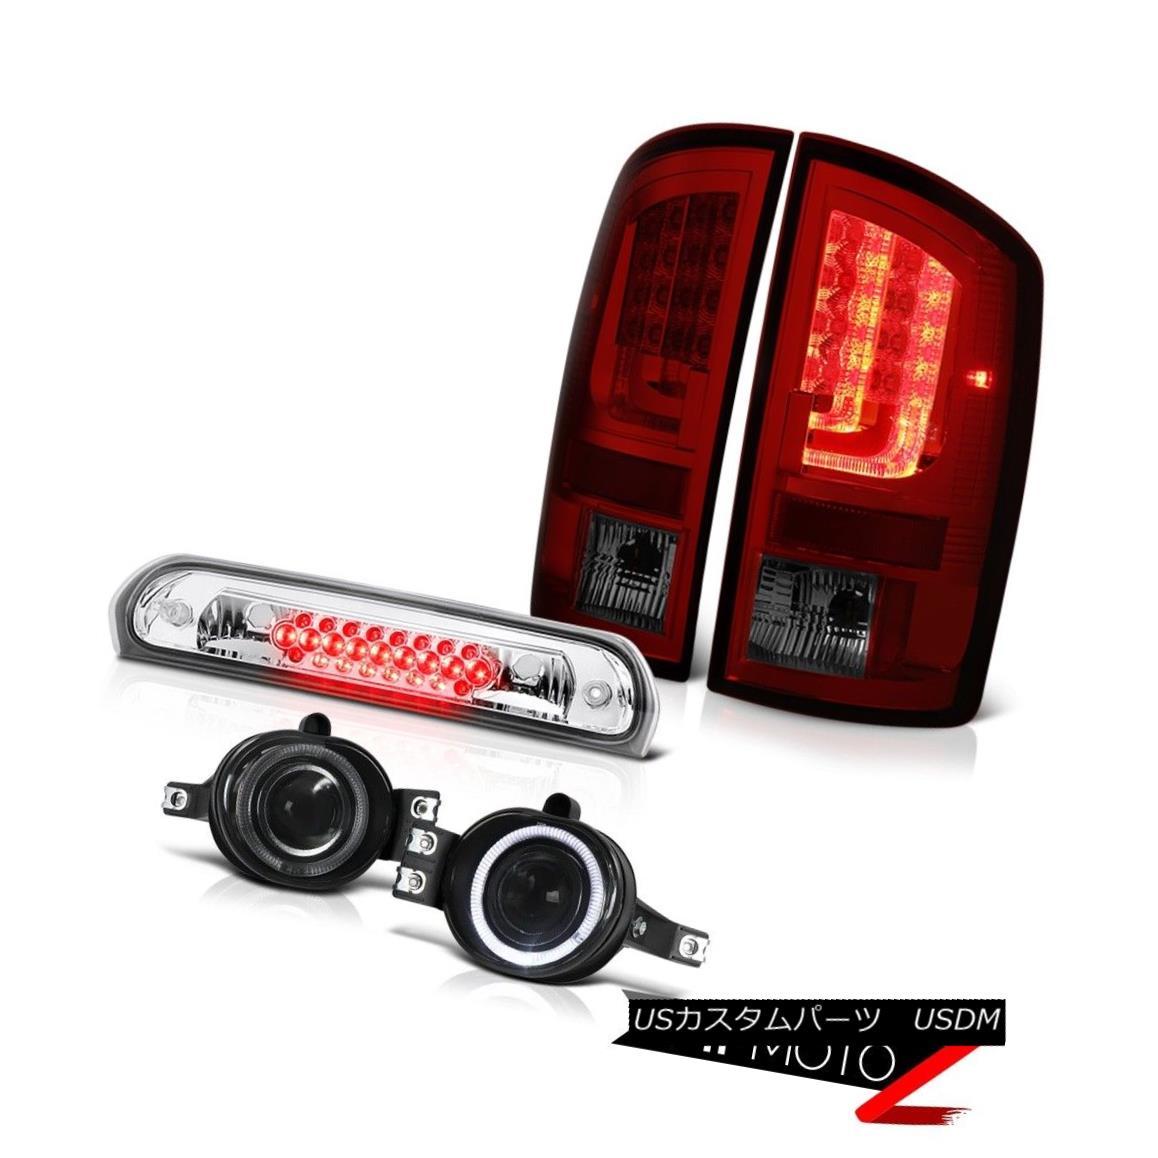 テールライト 2003-2006 Dodge Ram 3500 WS Tail Lamps Fog Euro Clear Roof Cab Light